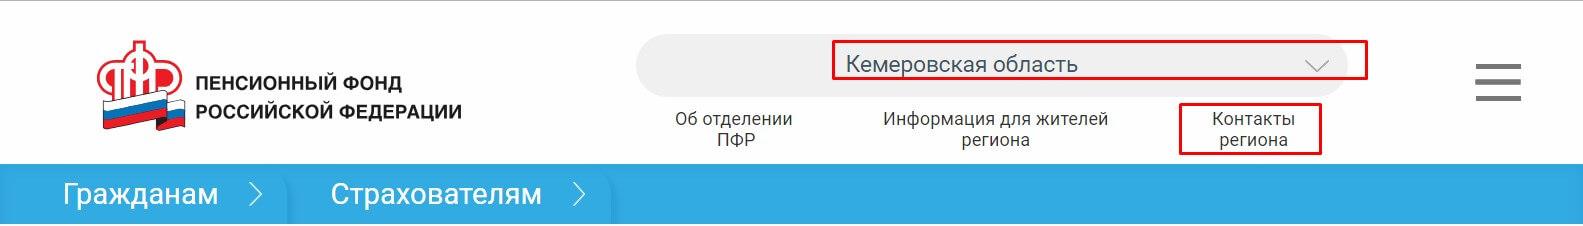 Пенсионный фонд Белово Кемеровской области